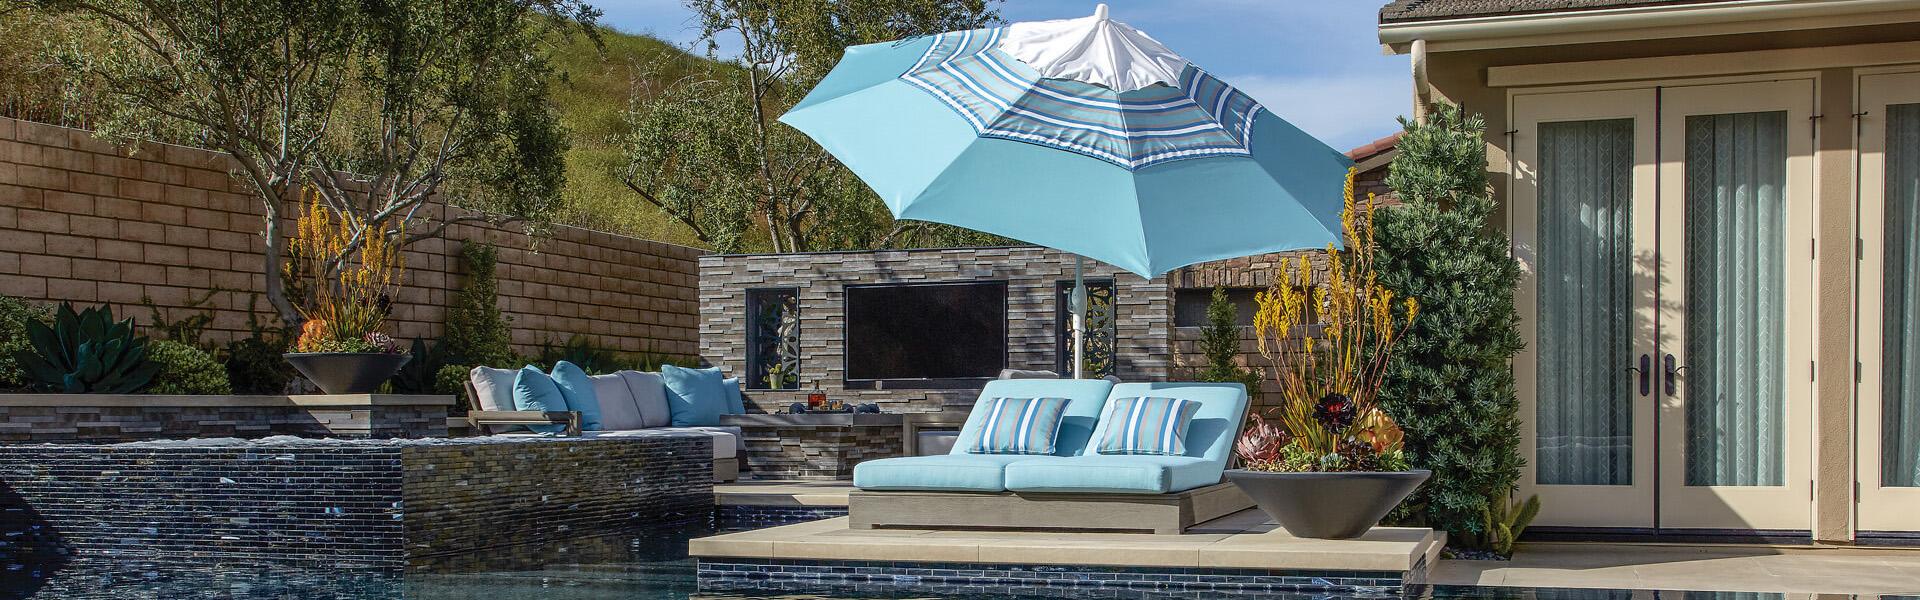 treasure garden outdoor umbrellas